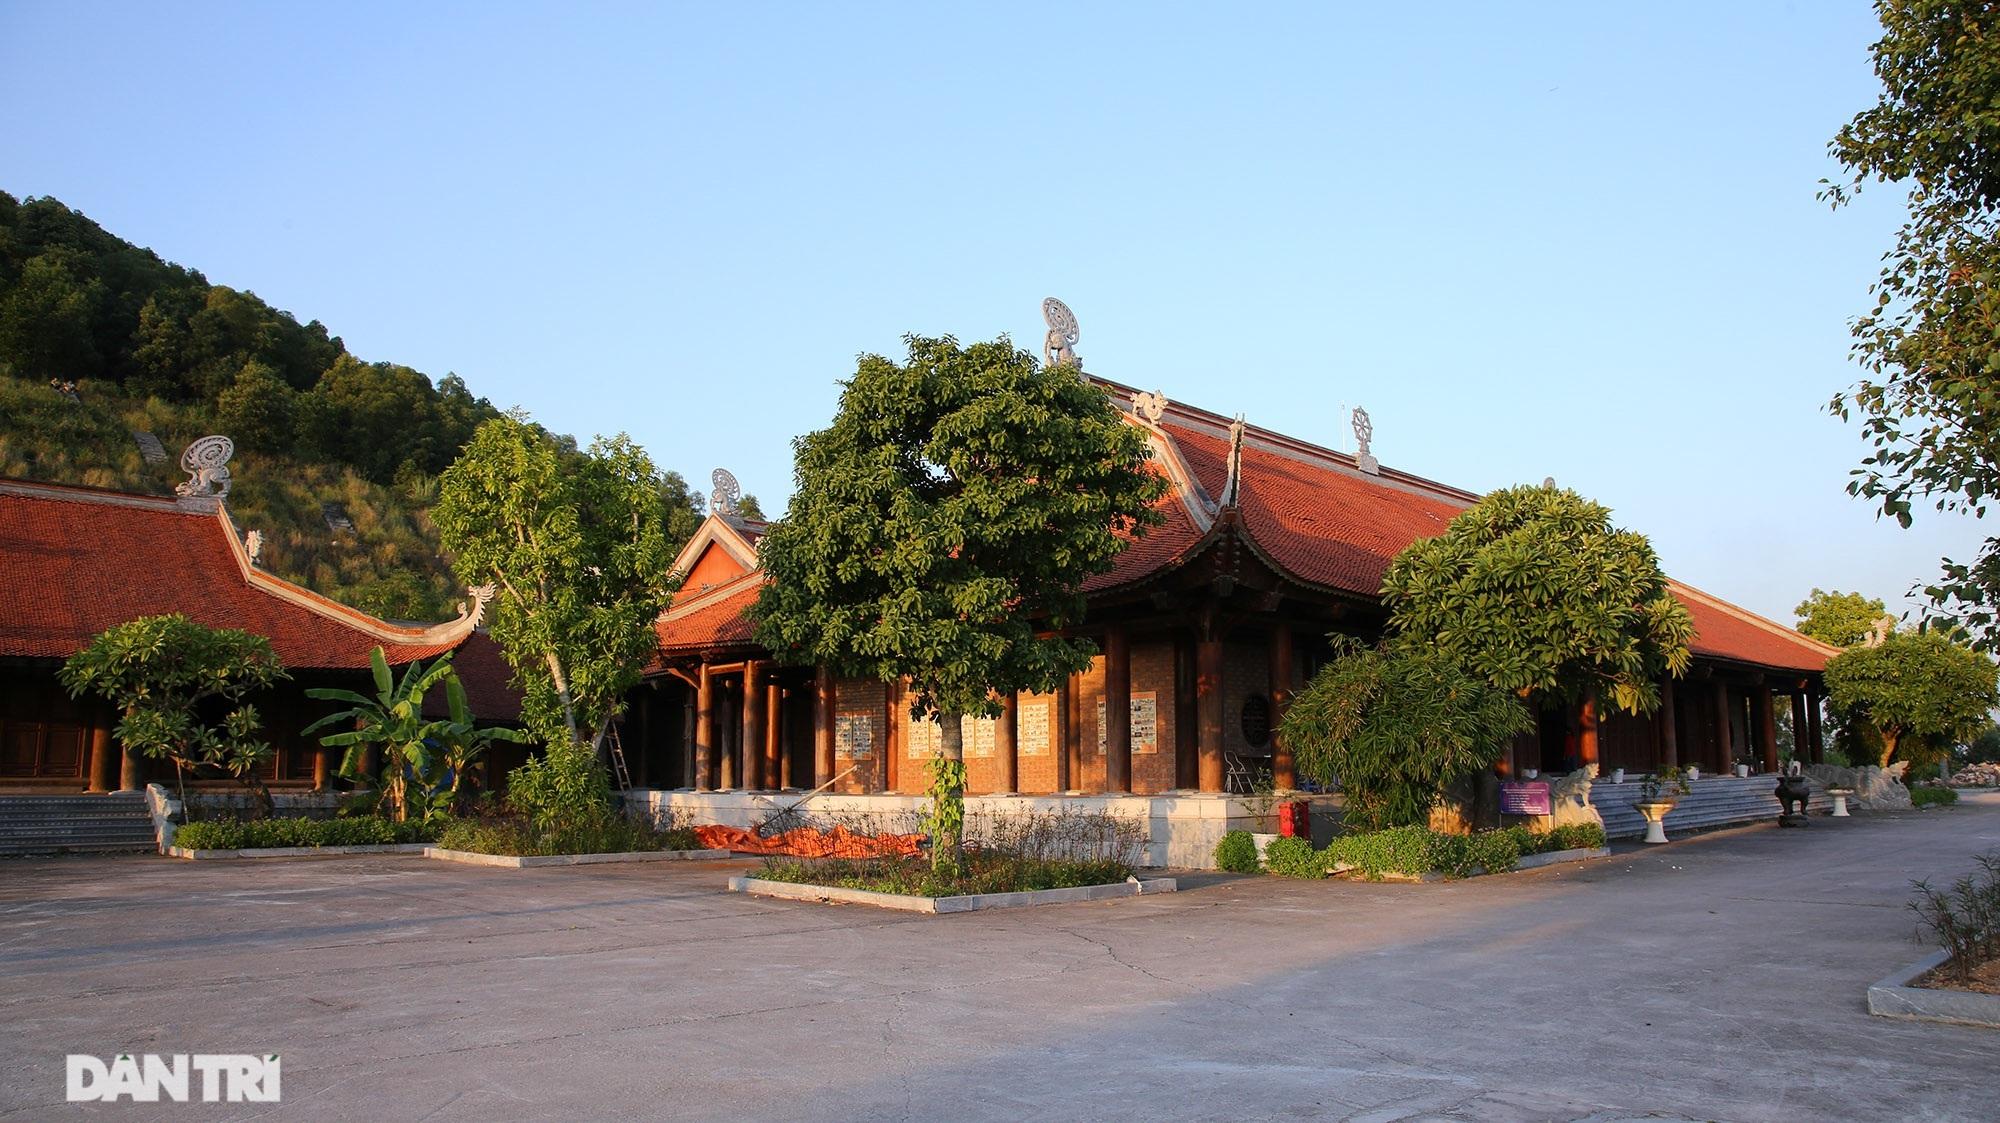 Bí ẩn cột đá nghìn năm tuổi bên sườn núi Đại Lãm, Bắc Ninh - 1